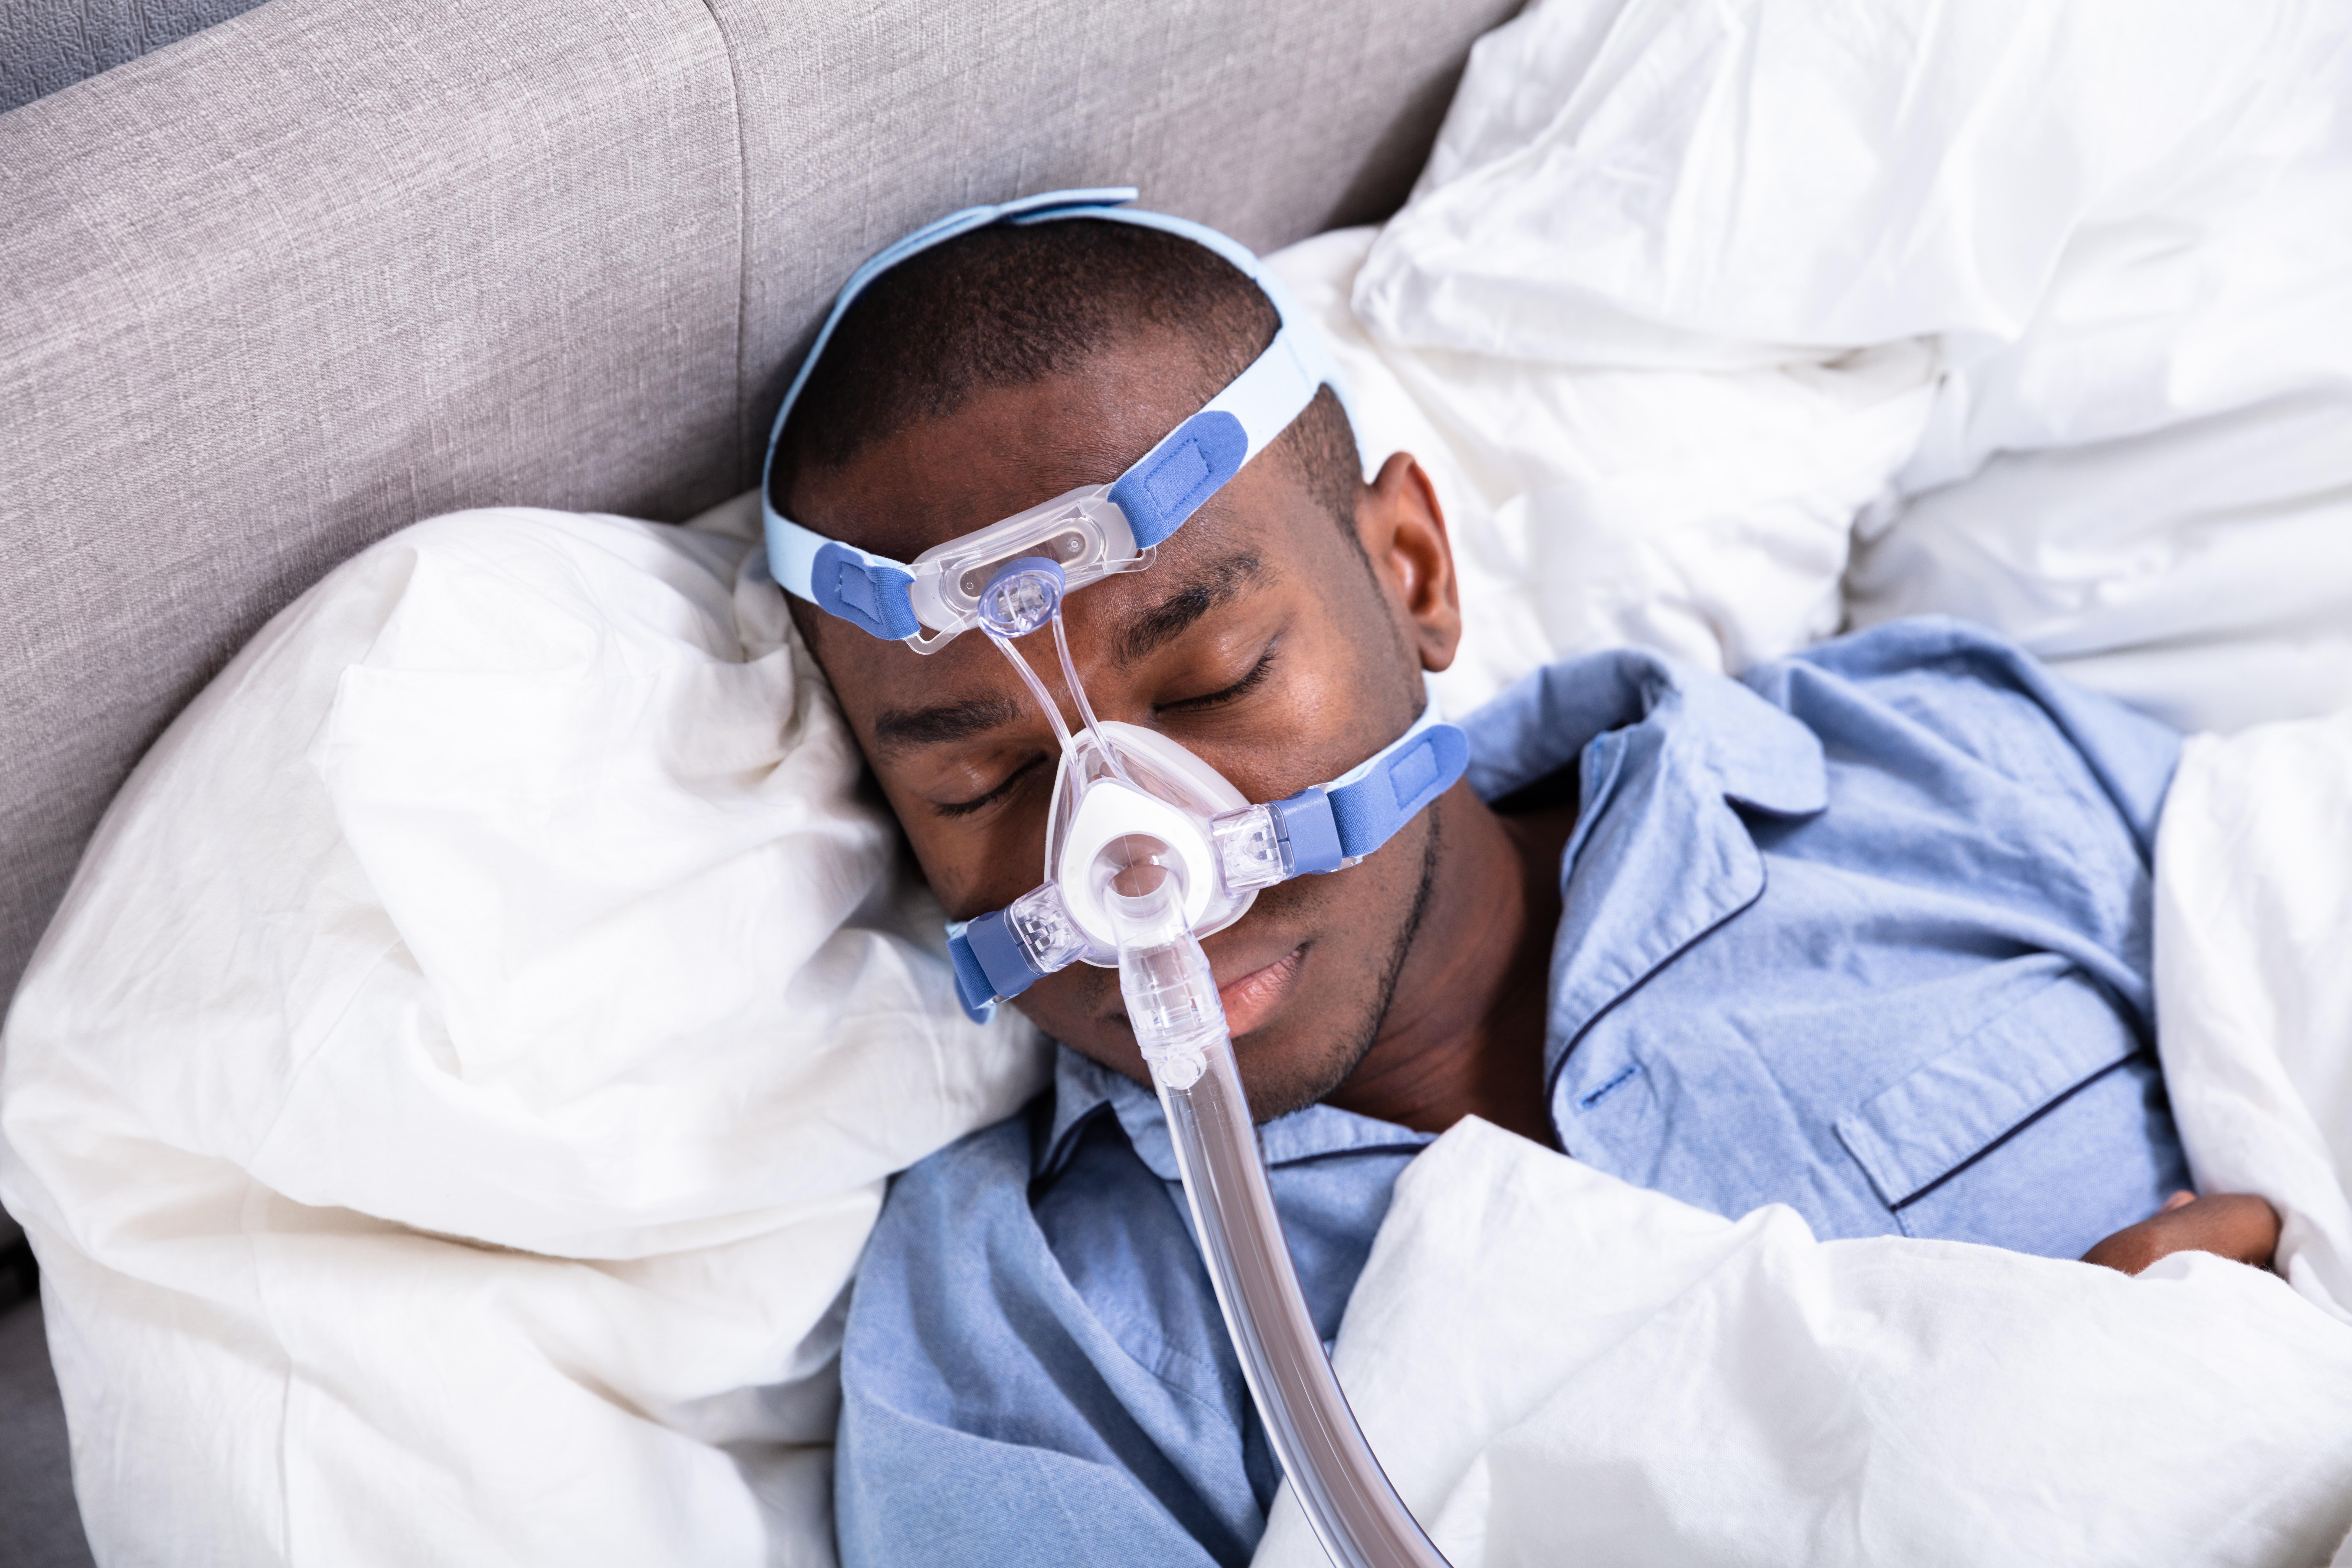 Utilisée pour traiter le syndrome d'apnée obstructive du sommeil (SAOS), la pression positive utilisée de manière précoce pour certains patients COVID-19 permet de sauver des vies (Visuel Adobe Stock 233807292)